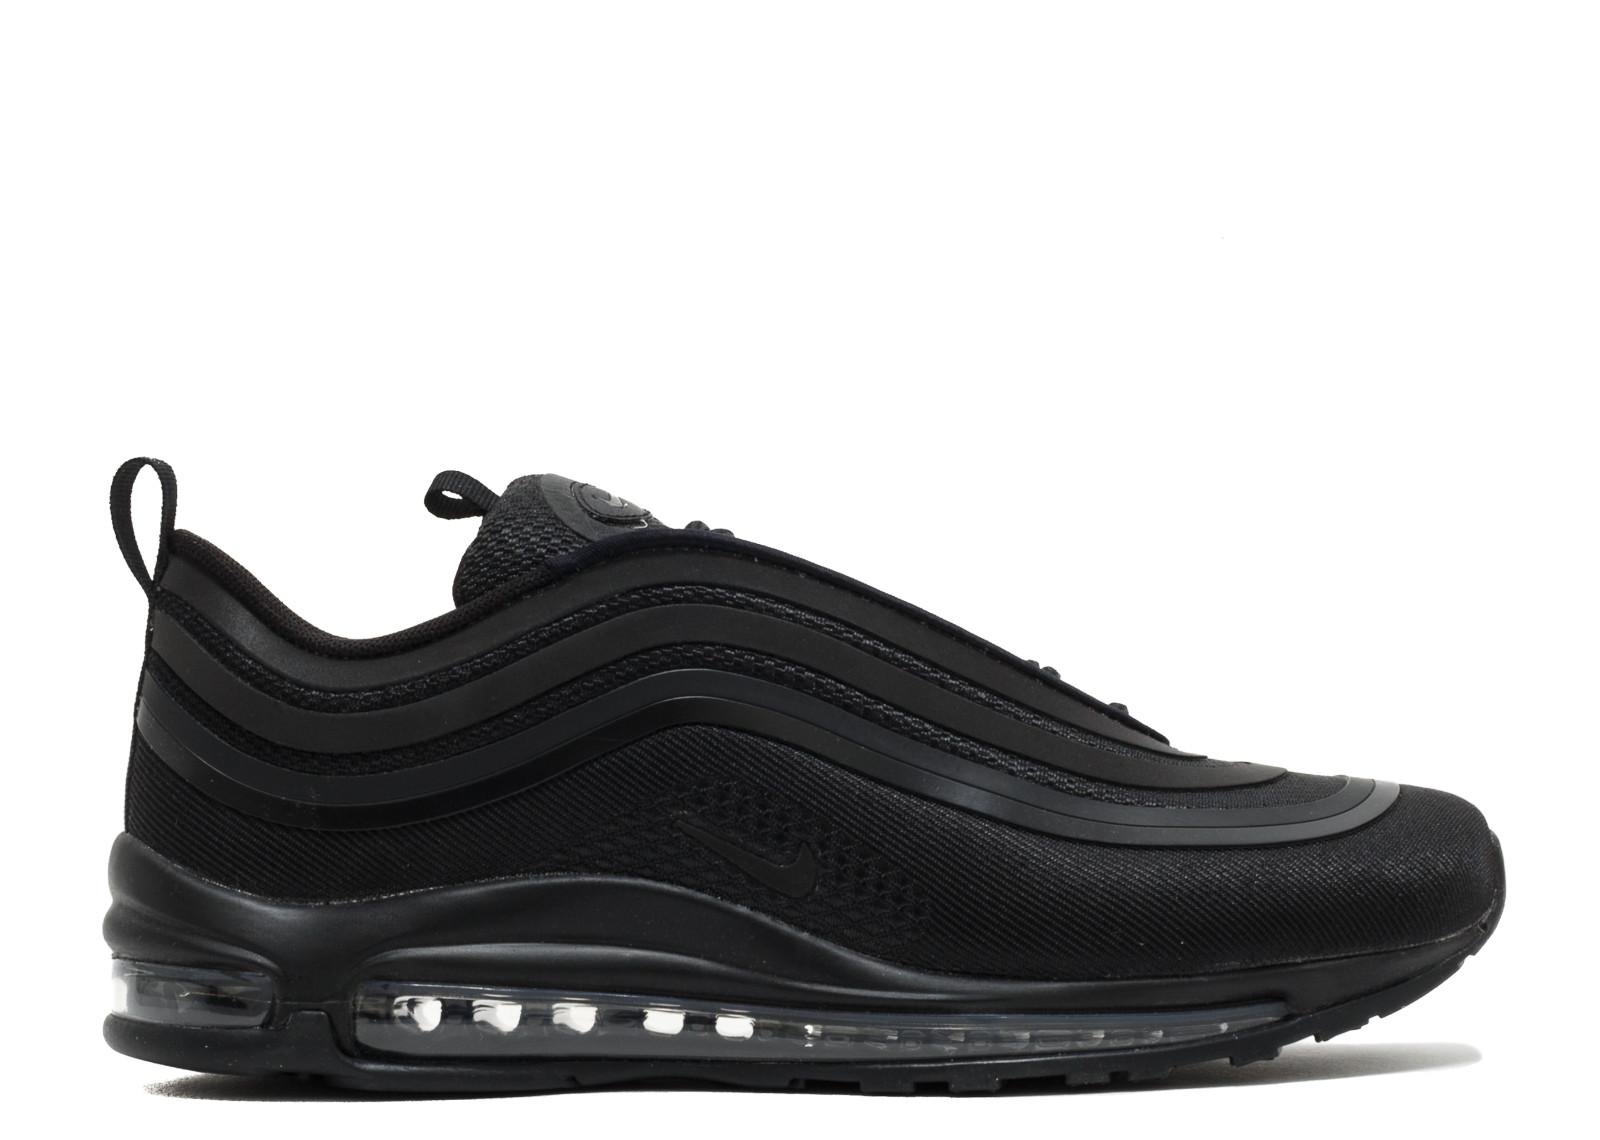 air max 97 black size 5